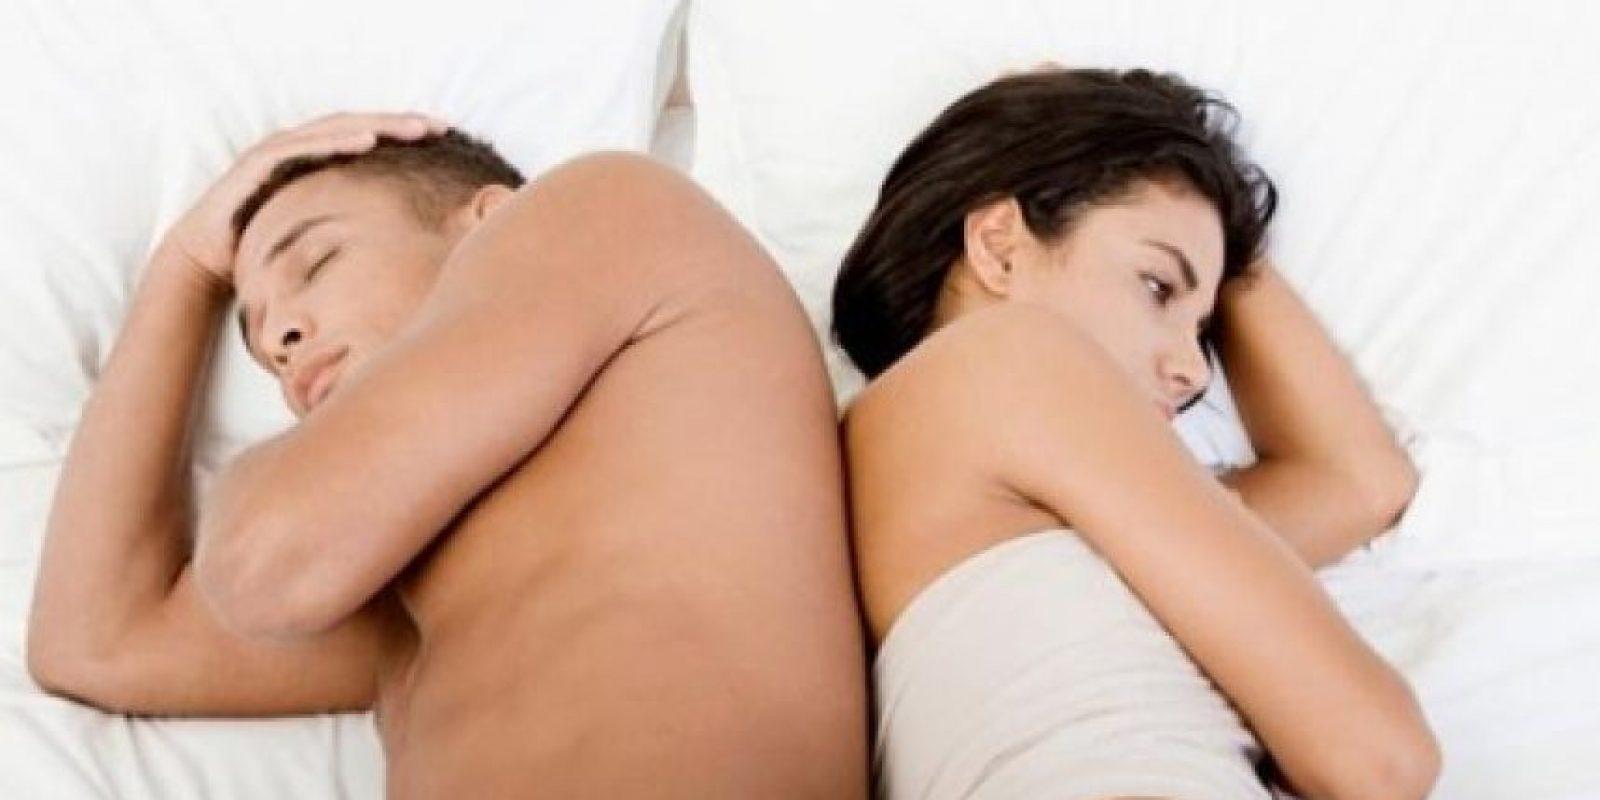 13. Eviten el bostezo frecuente Foto:Tumblr.com/Tagged-sexo-problemas